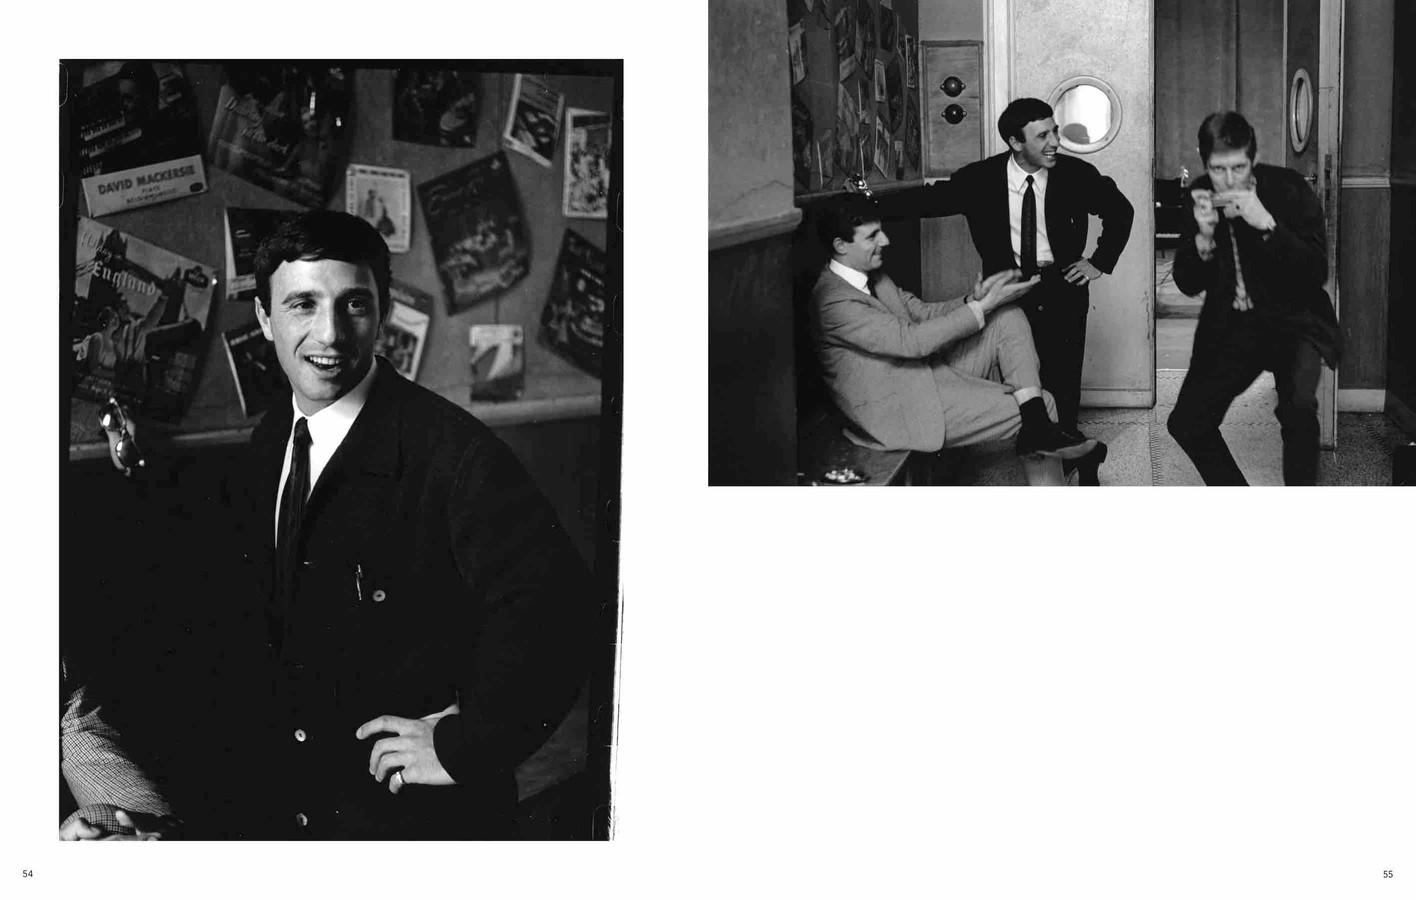 Een extract uit het nieuwe fotoboek uitgebracht door het Antwerps advocatenkantoor La-On.